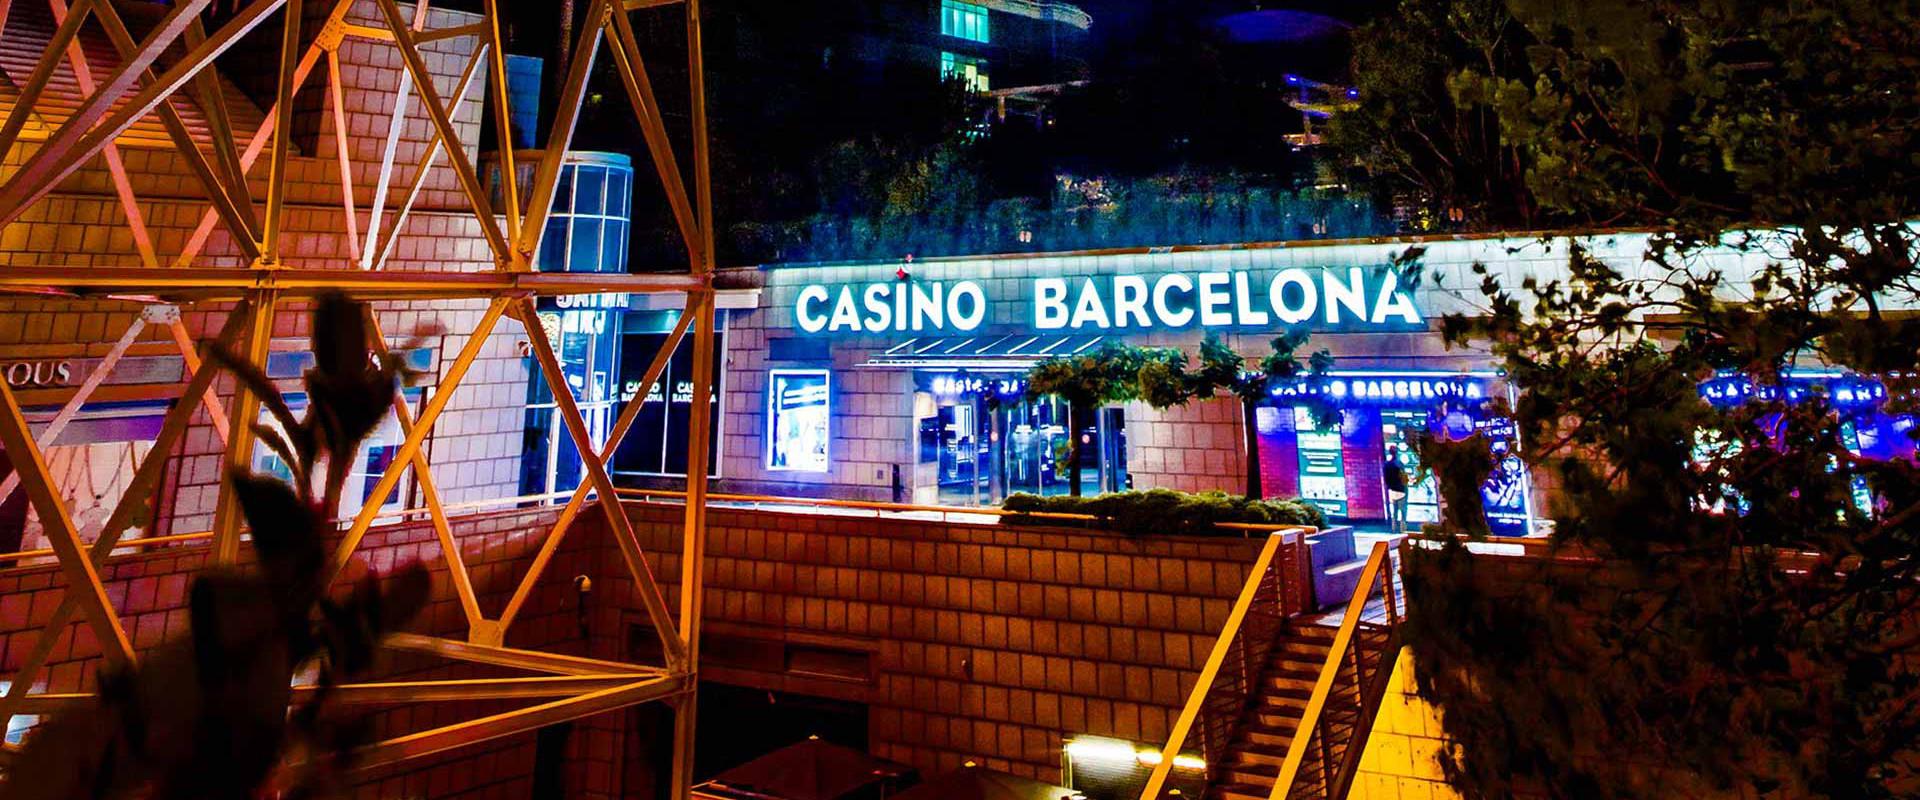 casino de barcelona online gratis slot machine spielen queen